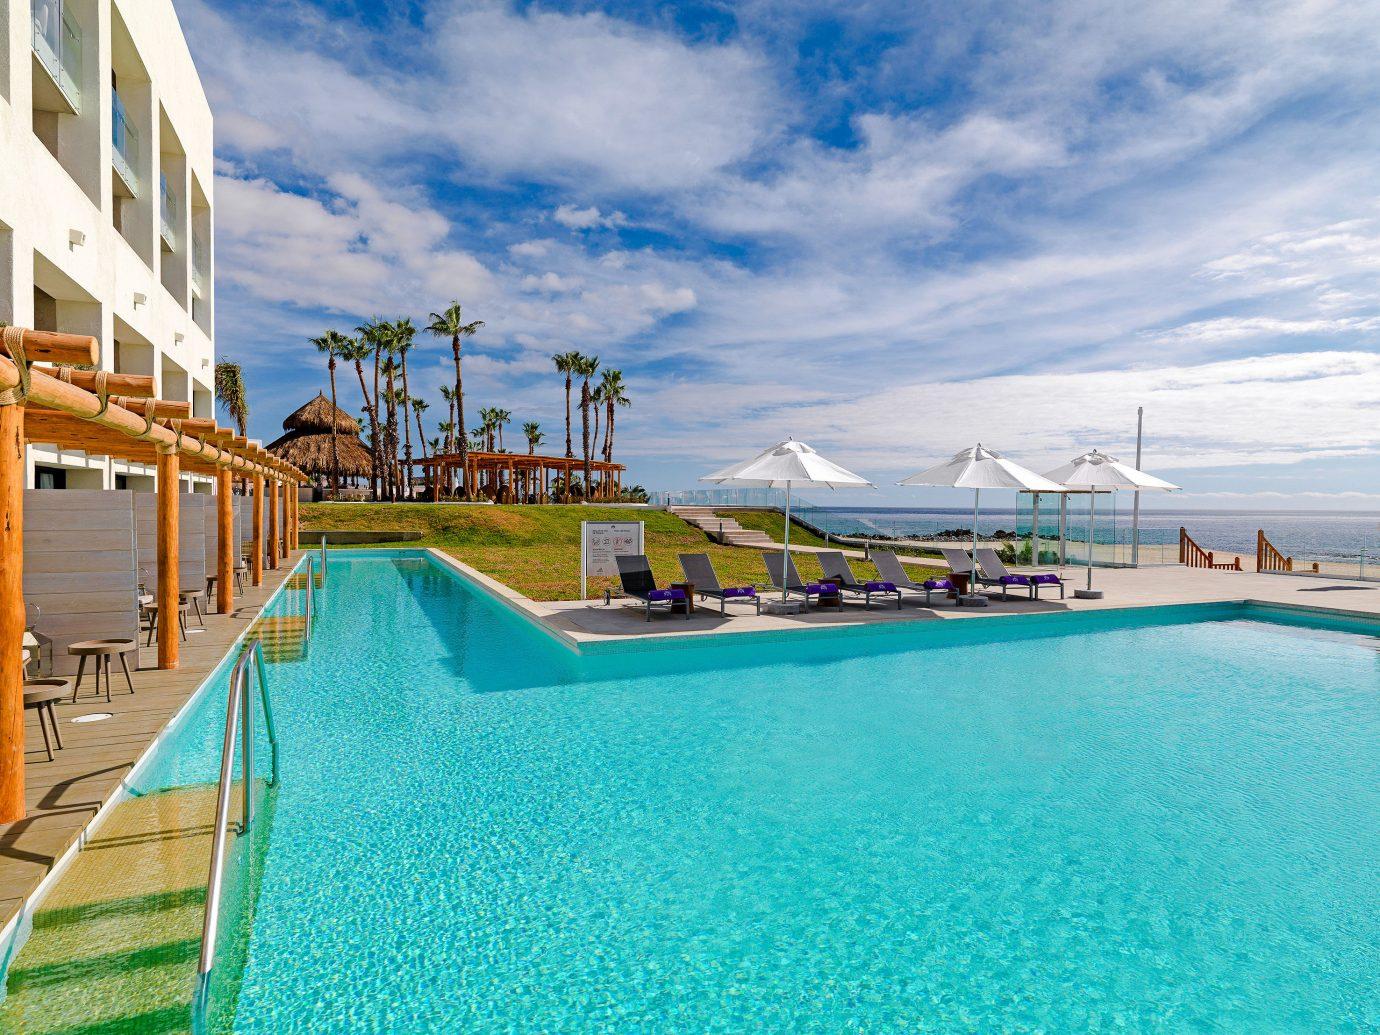 Pool at Paradisus Los Cabos